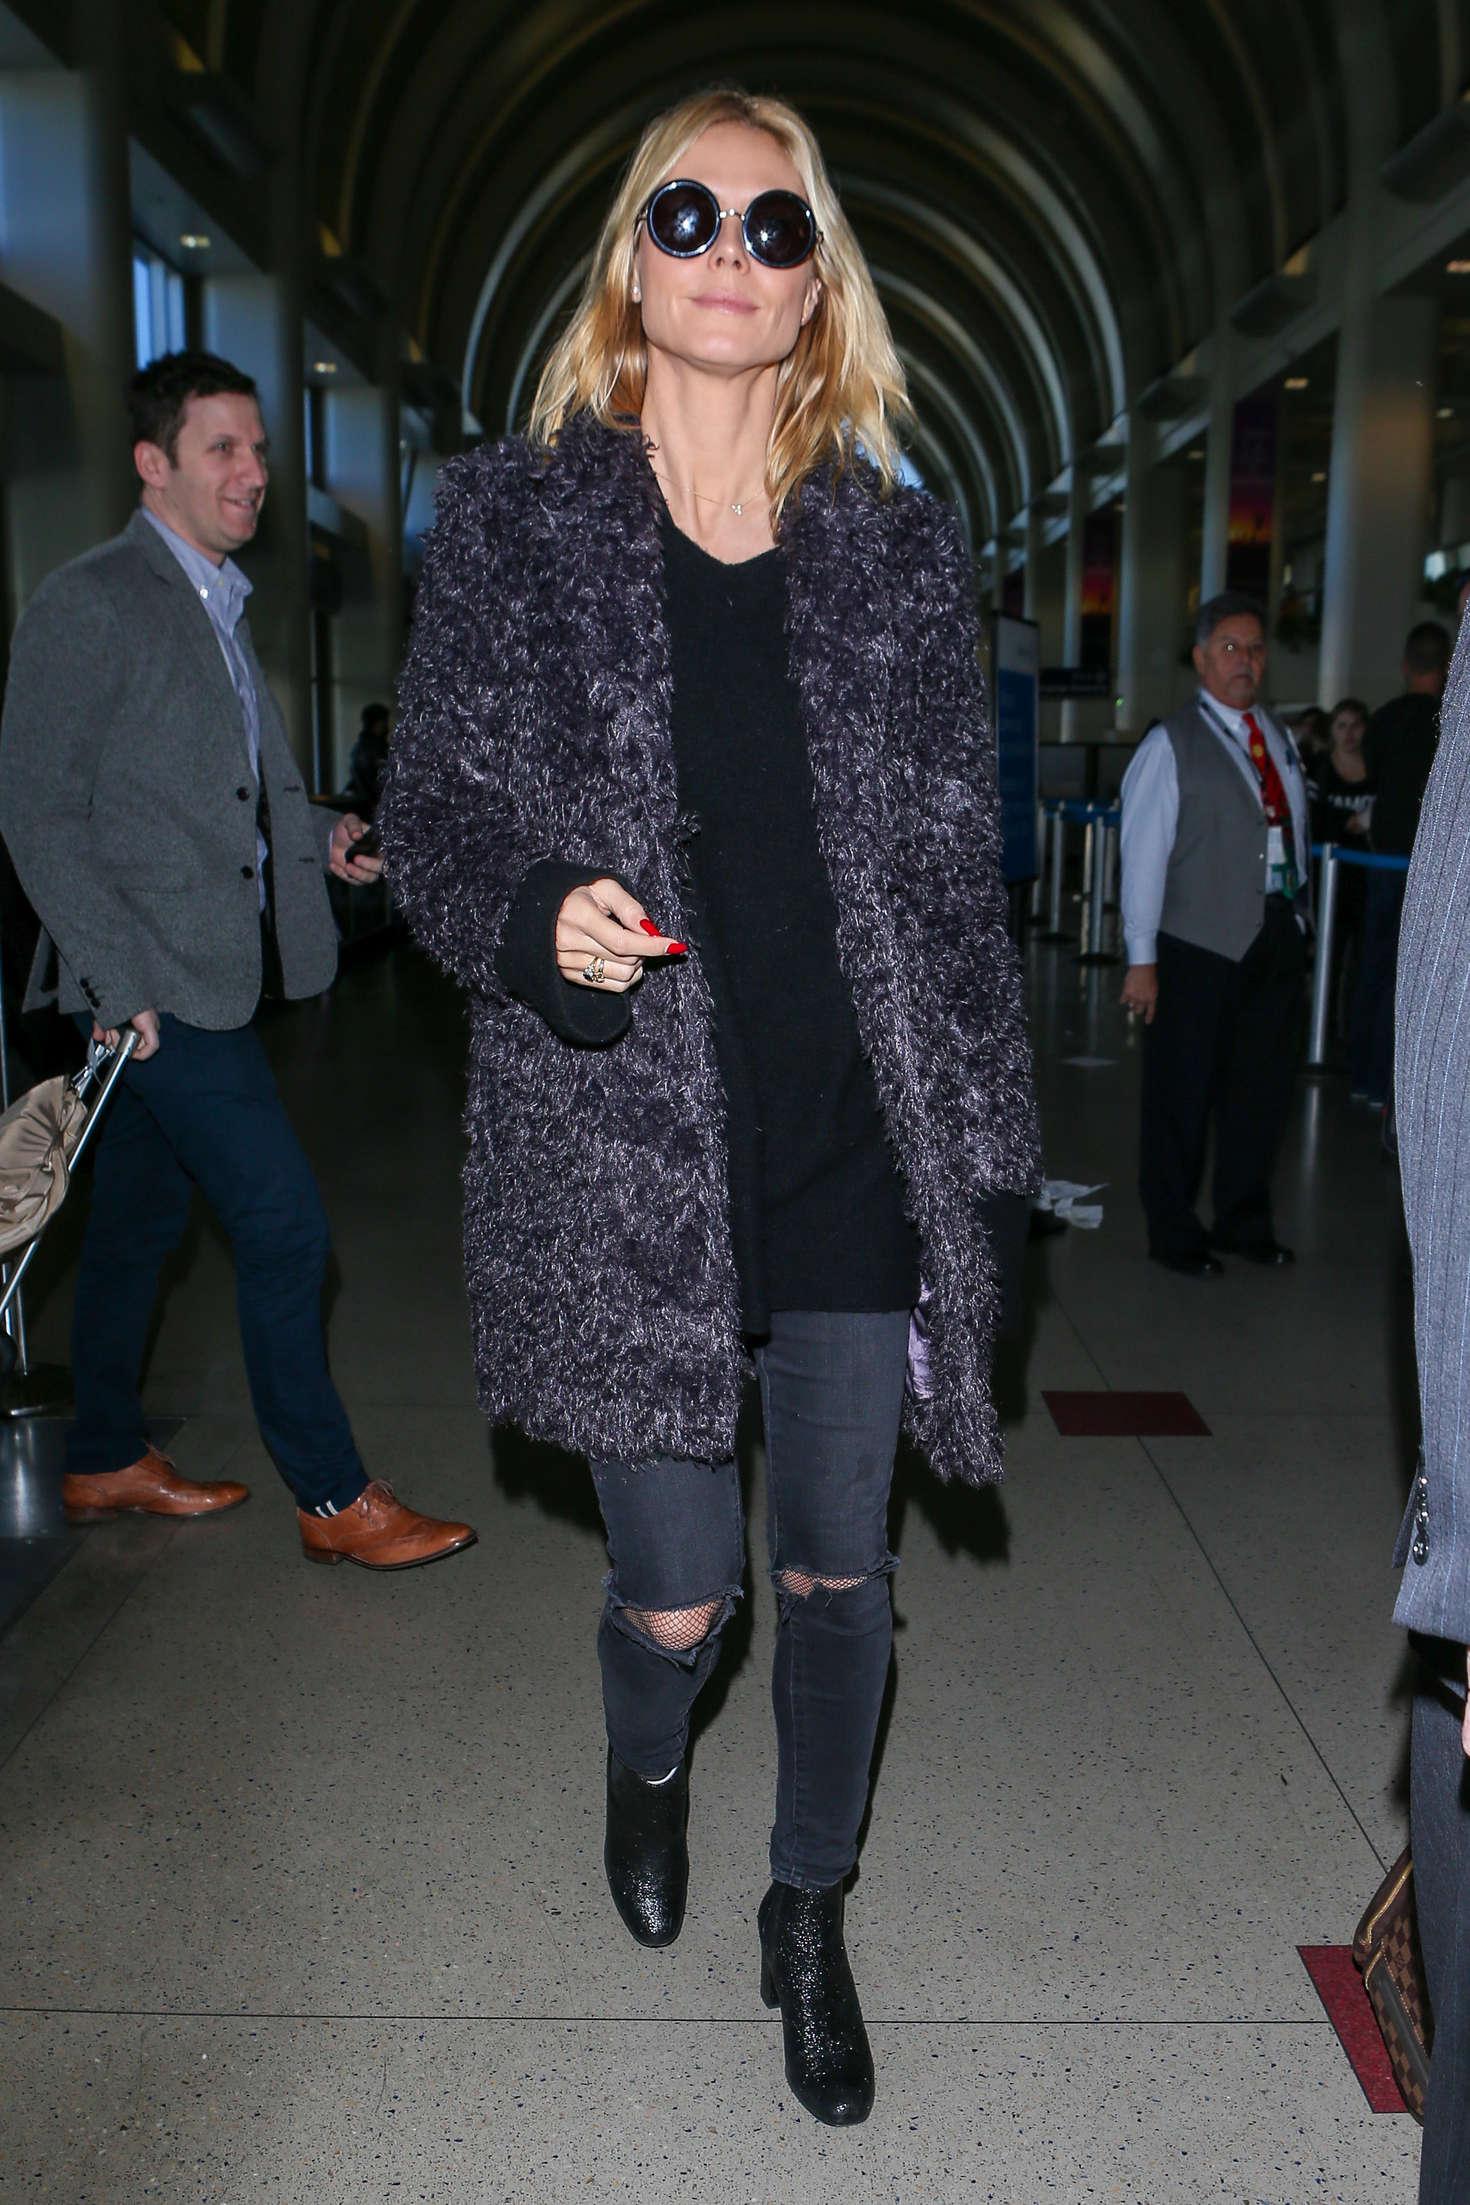 Heidi Klum 2015 : Heidi Klum: Arrives at LAX Airport -01